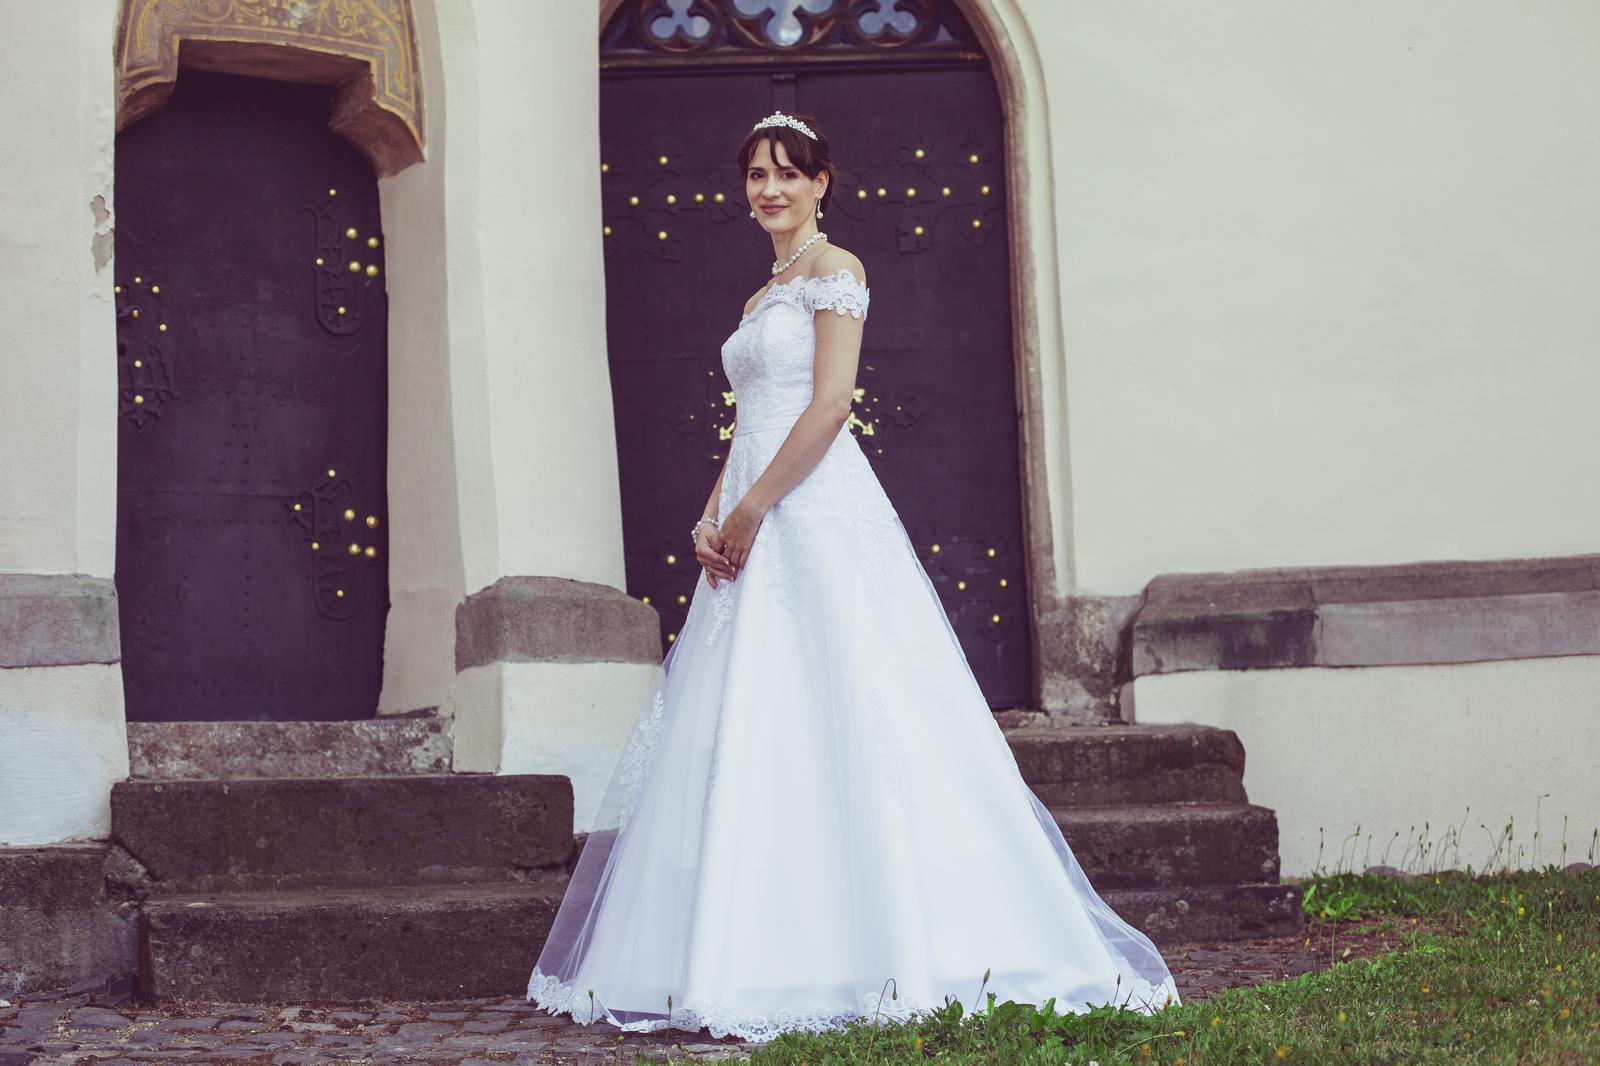 princeznovské svadobné šaty 36-38  - Obrázok č. 2